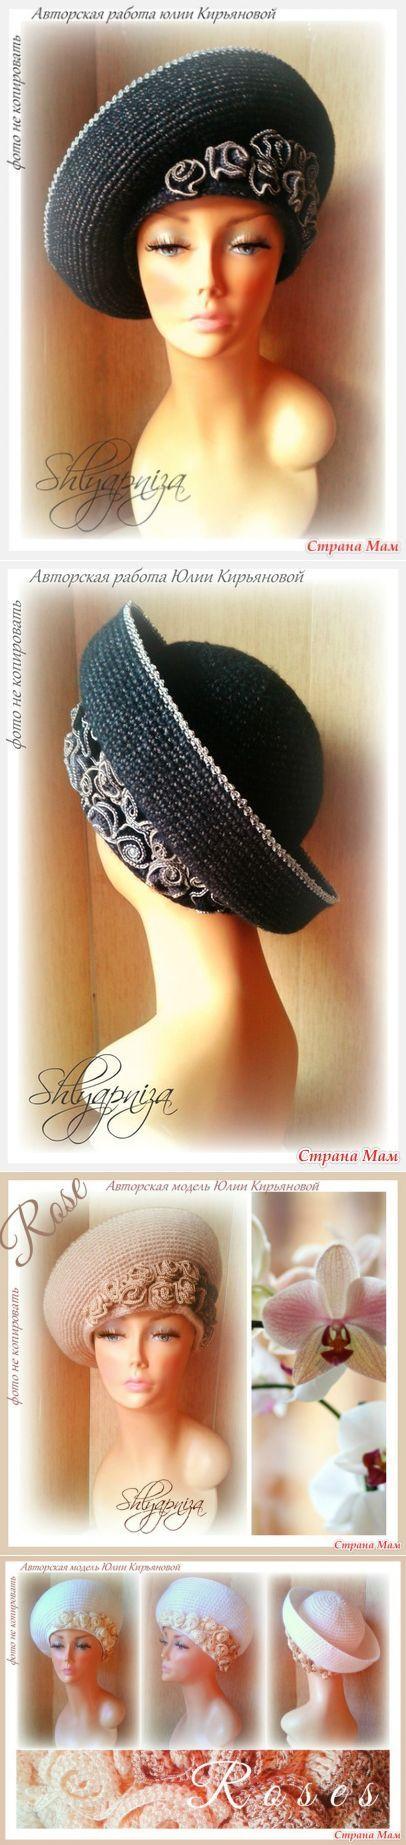 Мои шляпки из серии 'Розы' - Вязание - Страна Мам